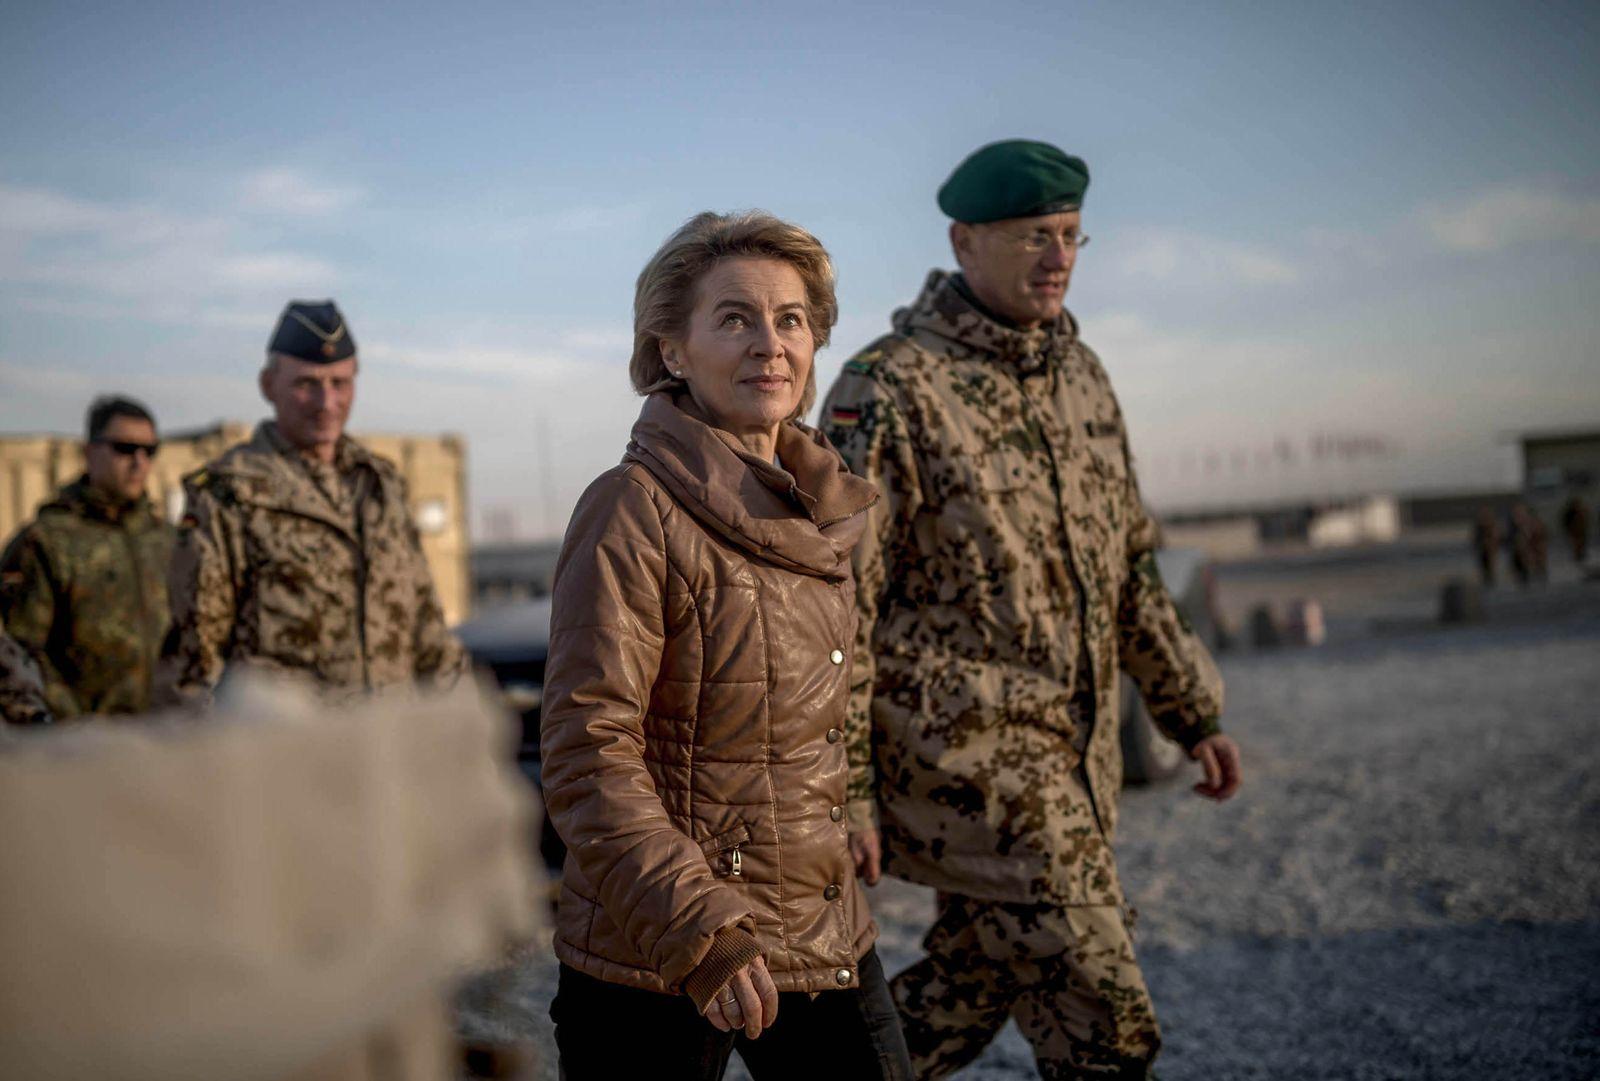 Bundeswehr Afghanistan - Von der Leyen